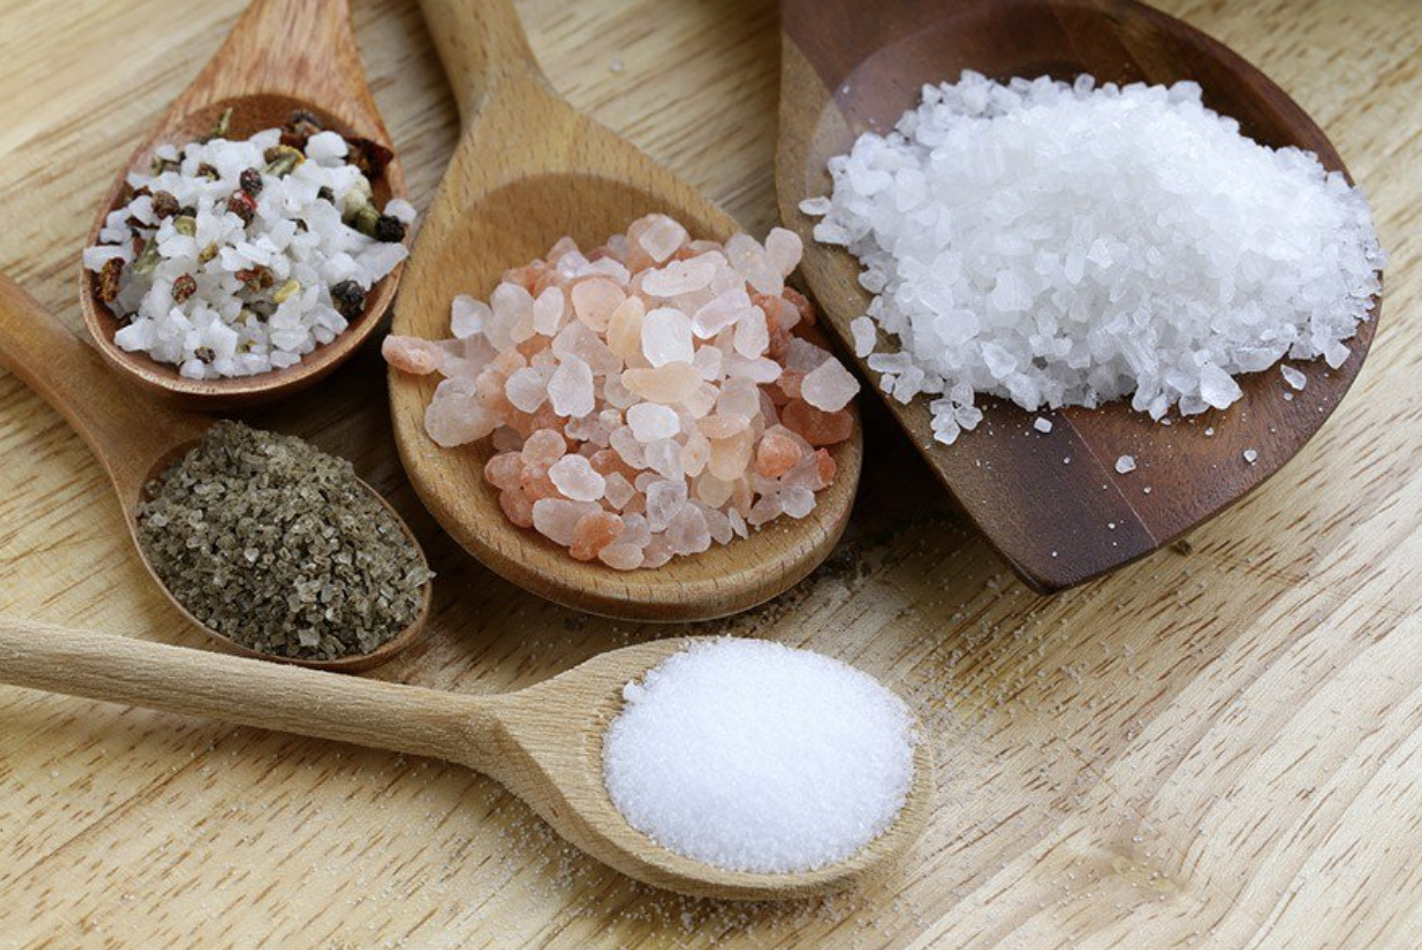 Natuurzout en speciale zoutsoorten